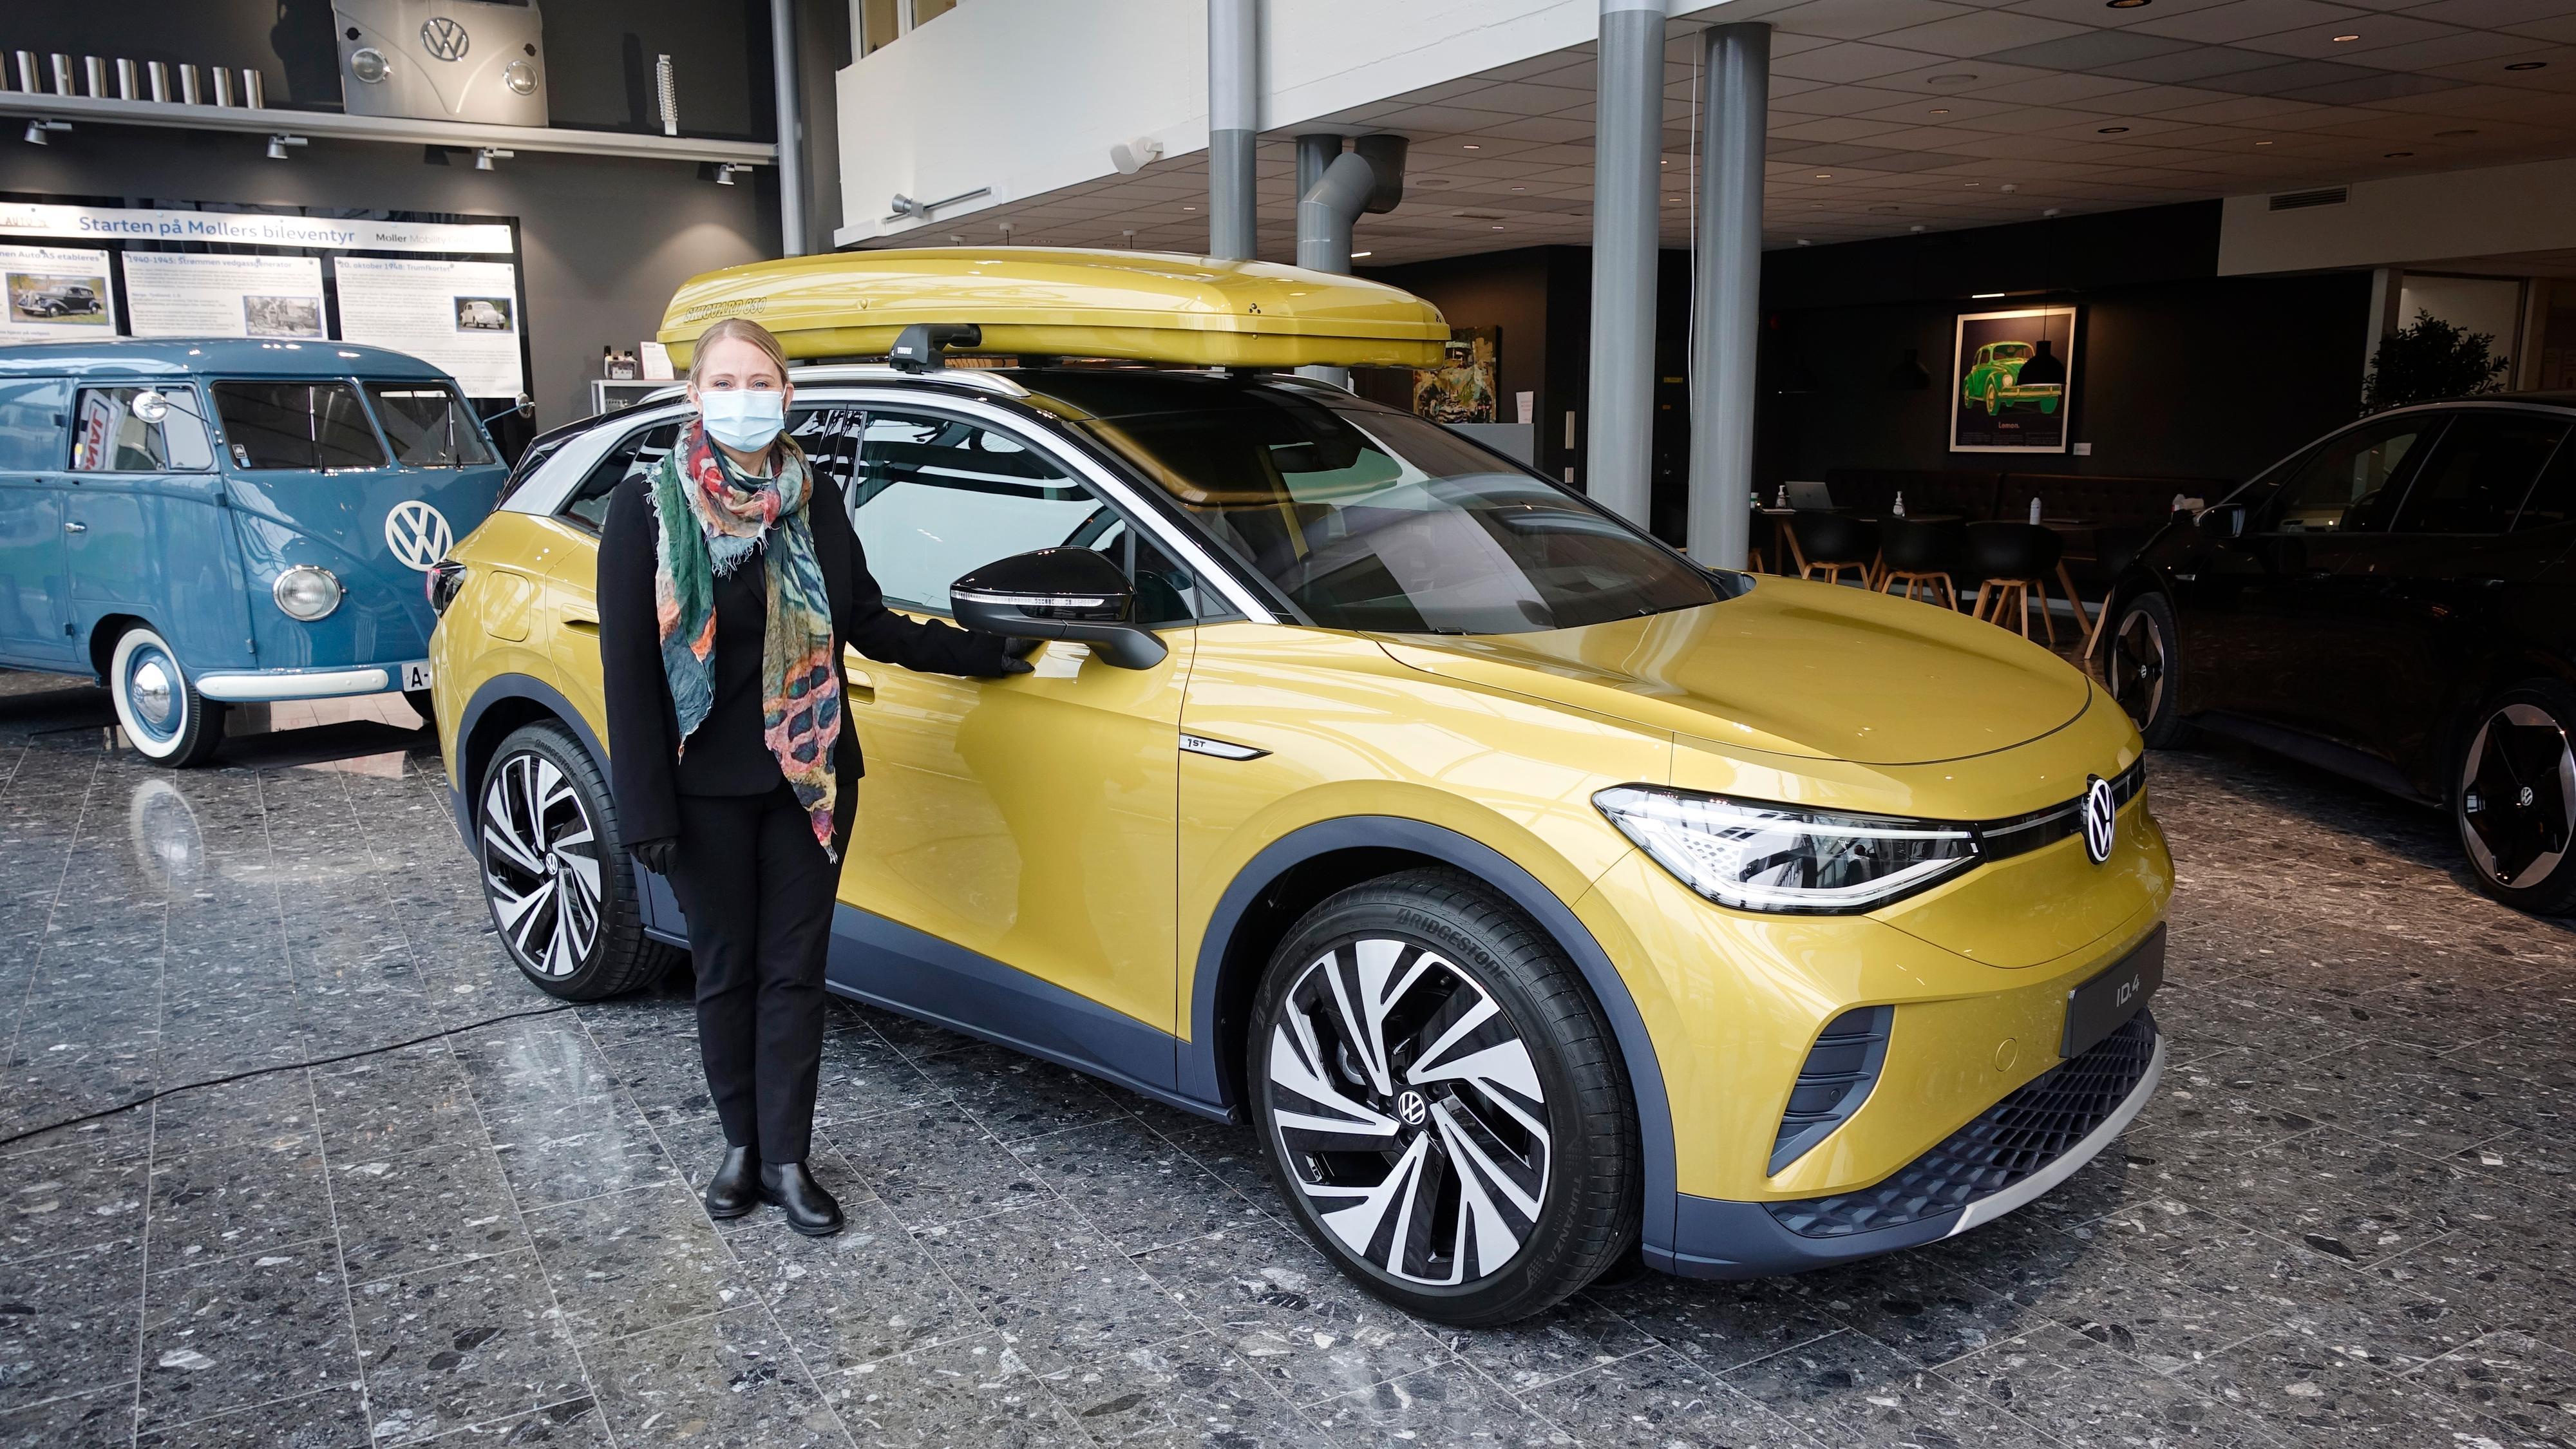 Kommunikasjonssjef for Volkswagen hos Harald A. Møller, Anita Svanes, sier ID.3 er en trygg bil. Her fotografert sammen med Volkswagens neste elbil, ID.4.